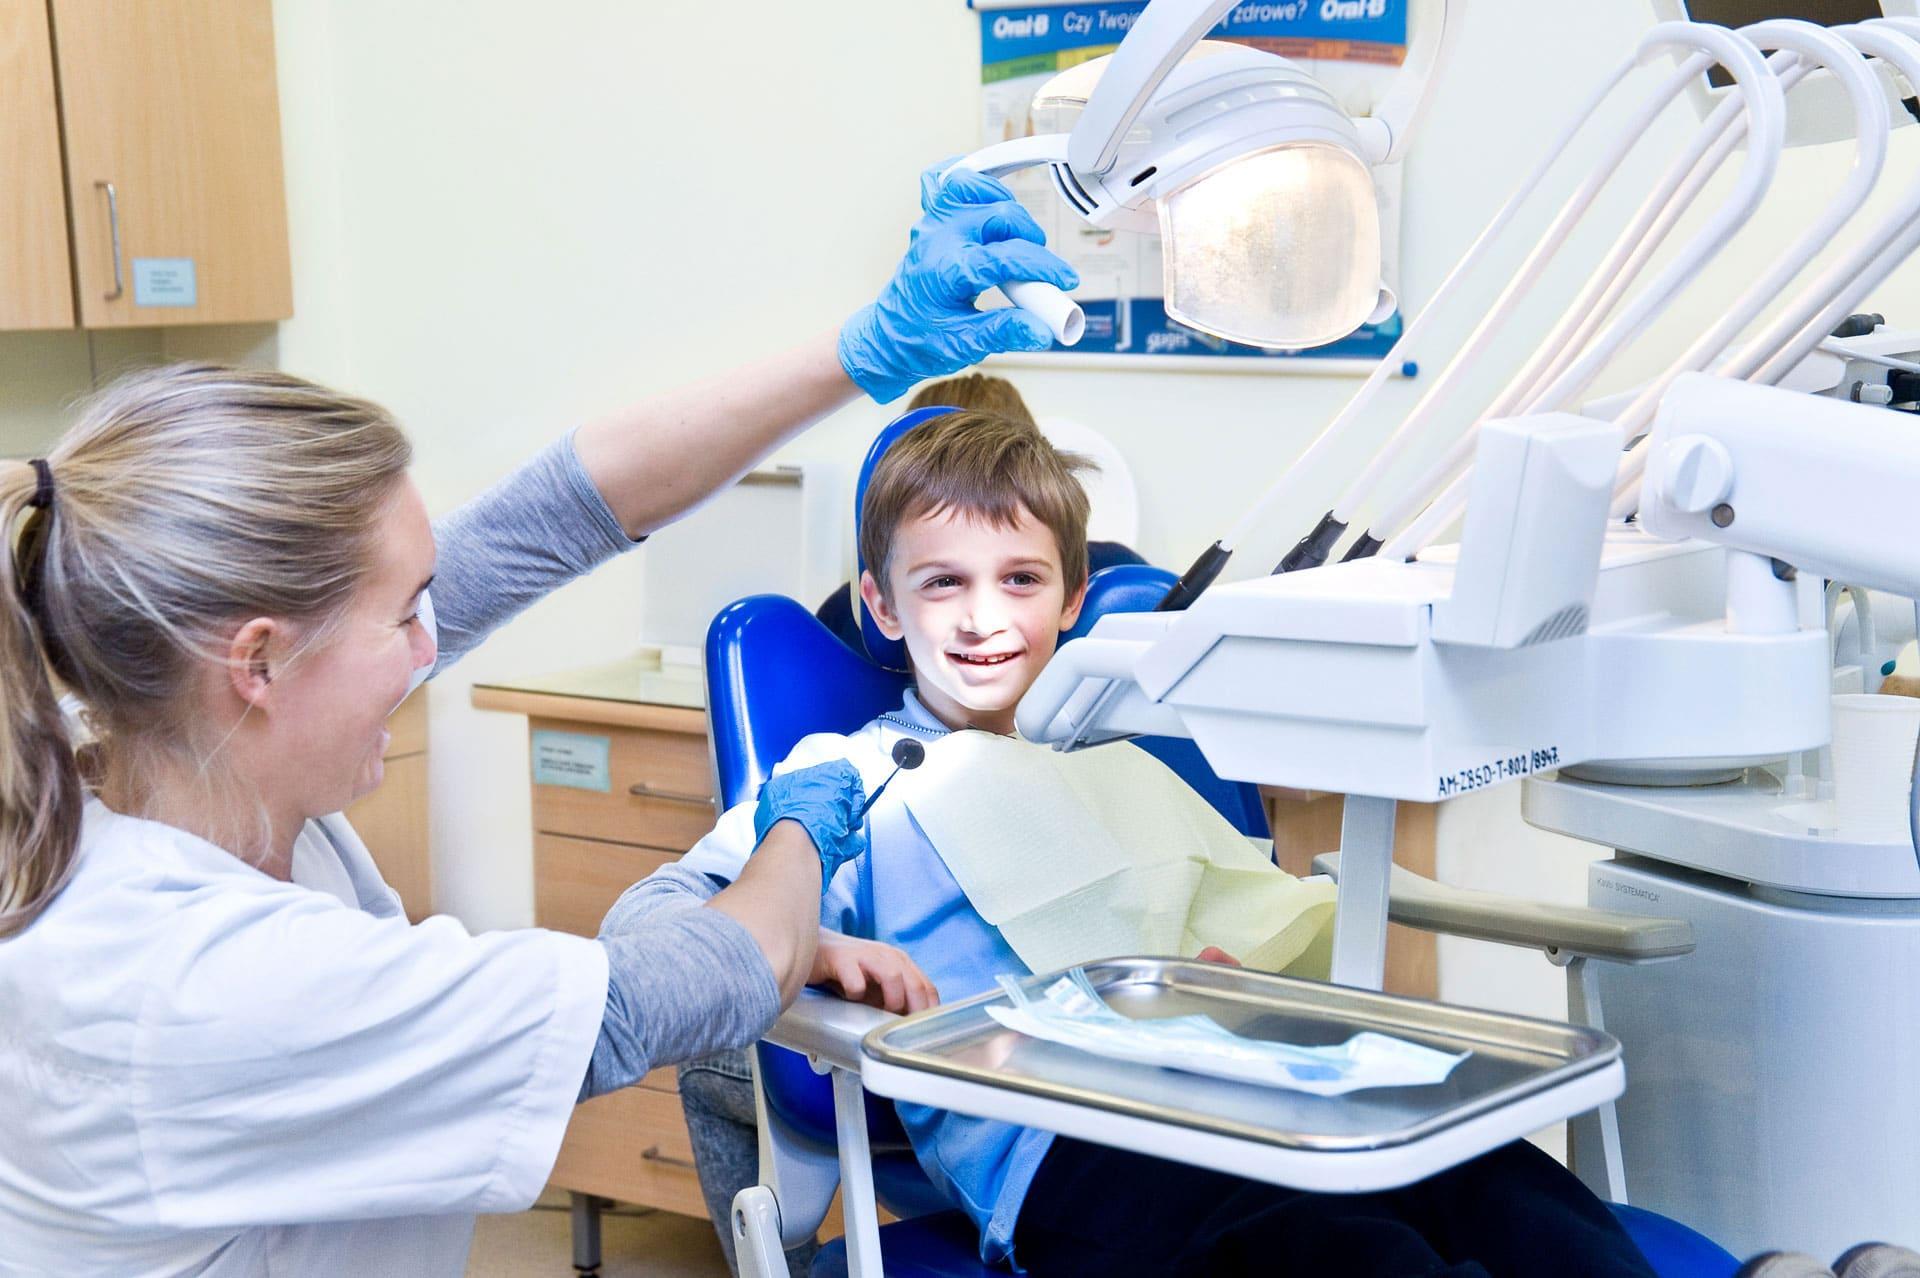 tandläkarutbildning utomlands